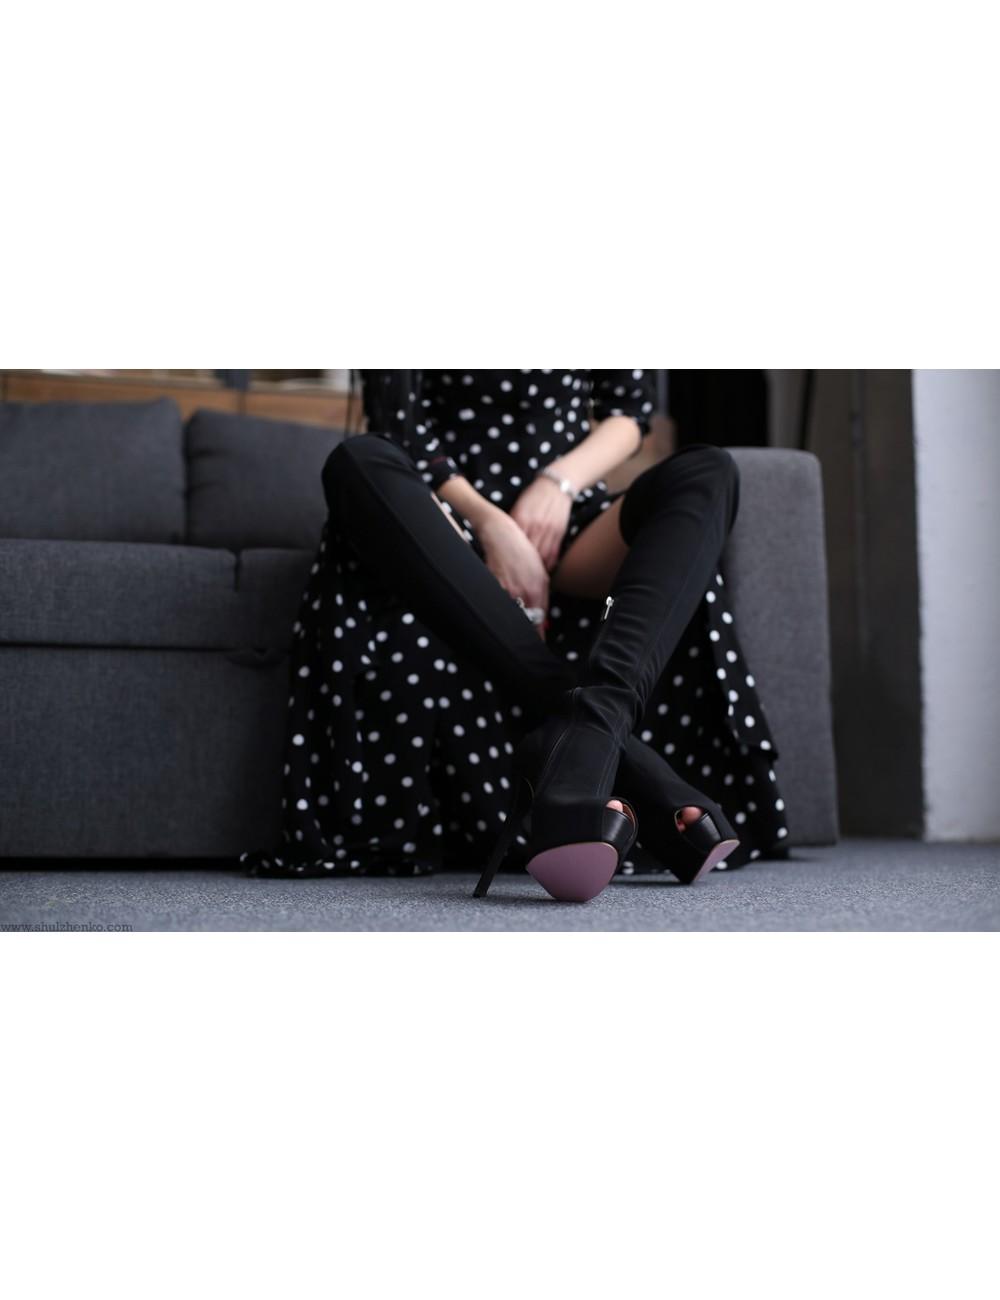 Yarose Shulzhenko Designer stretch suede platform thigh boots with open nose